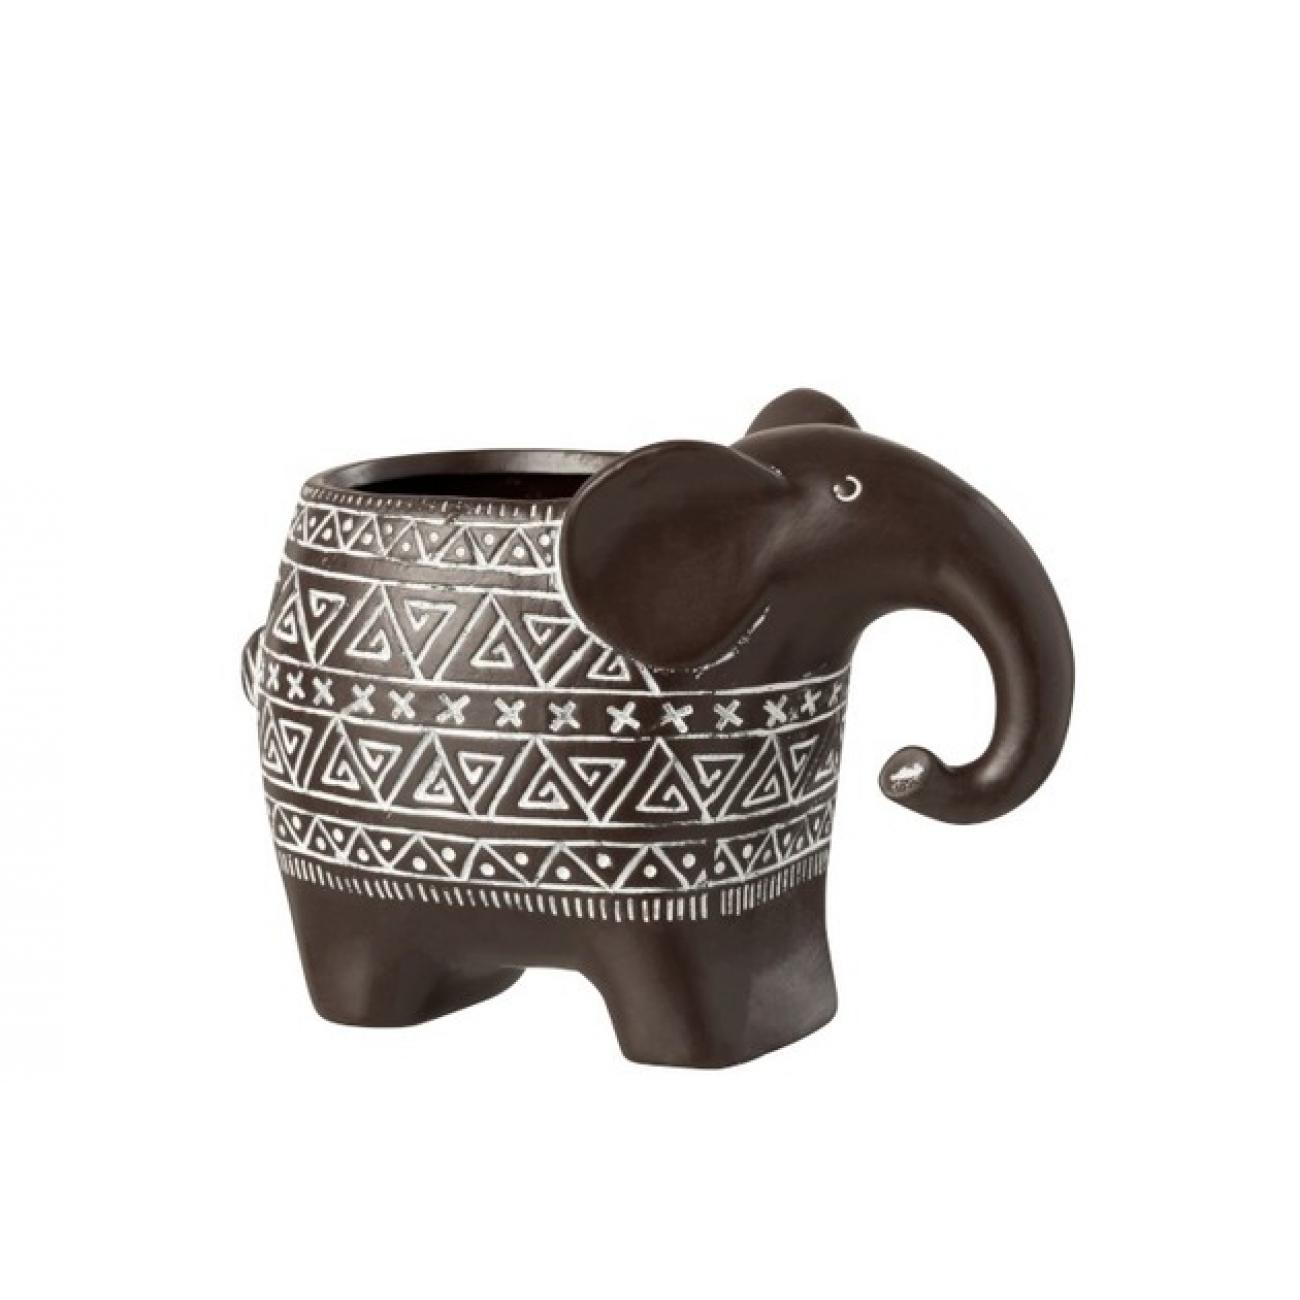 Кашпо J-LINE в форме слона с состаренным эффектом  коричневого цвета керамика 21х15х13